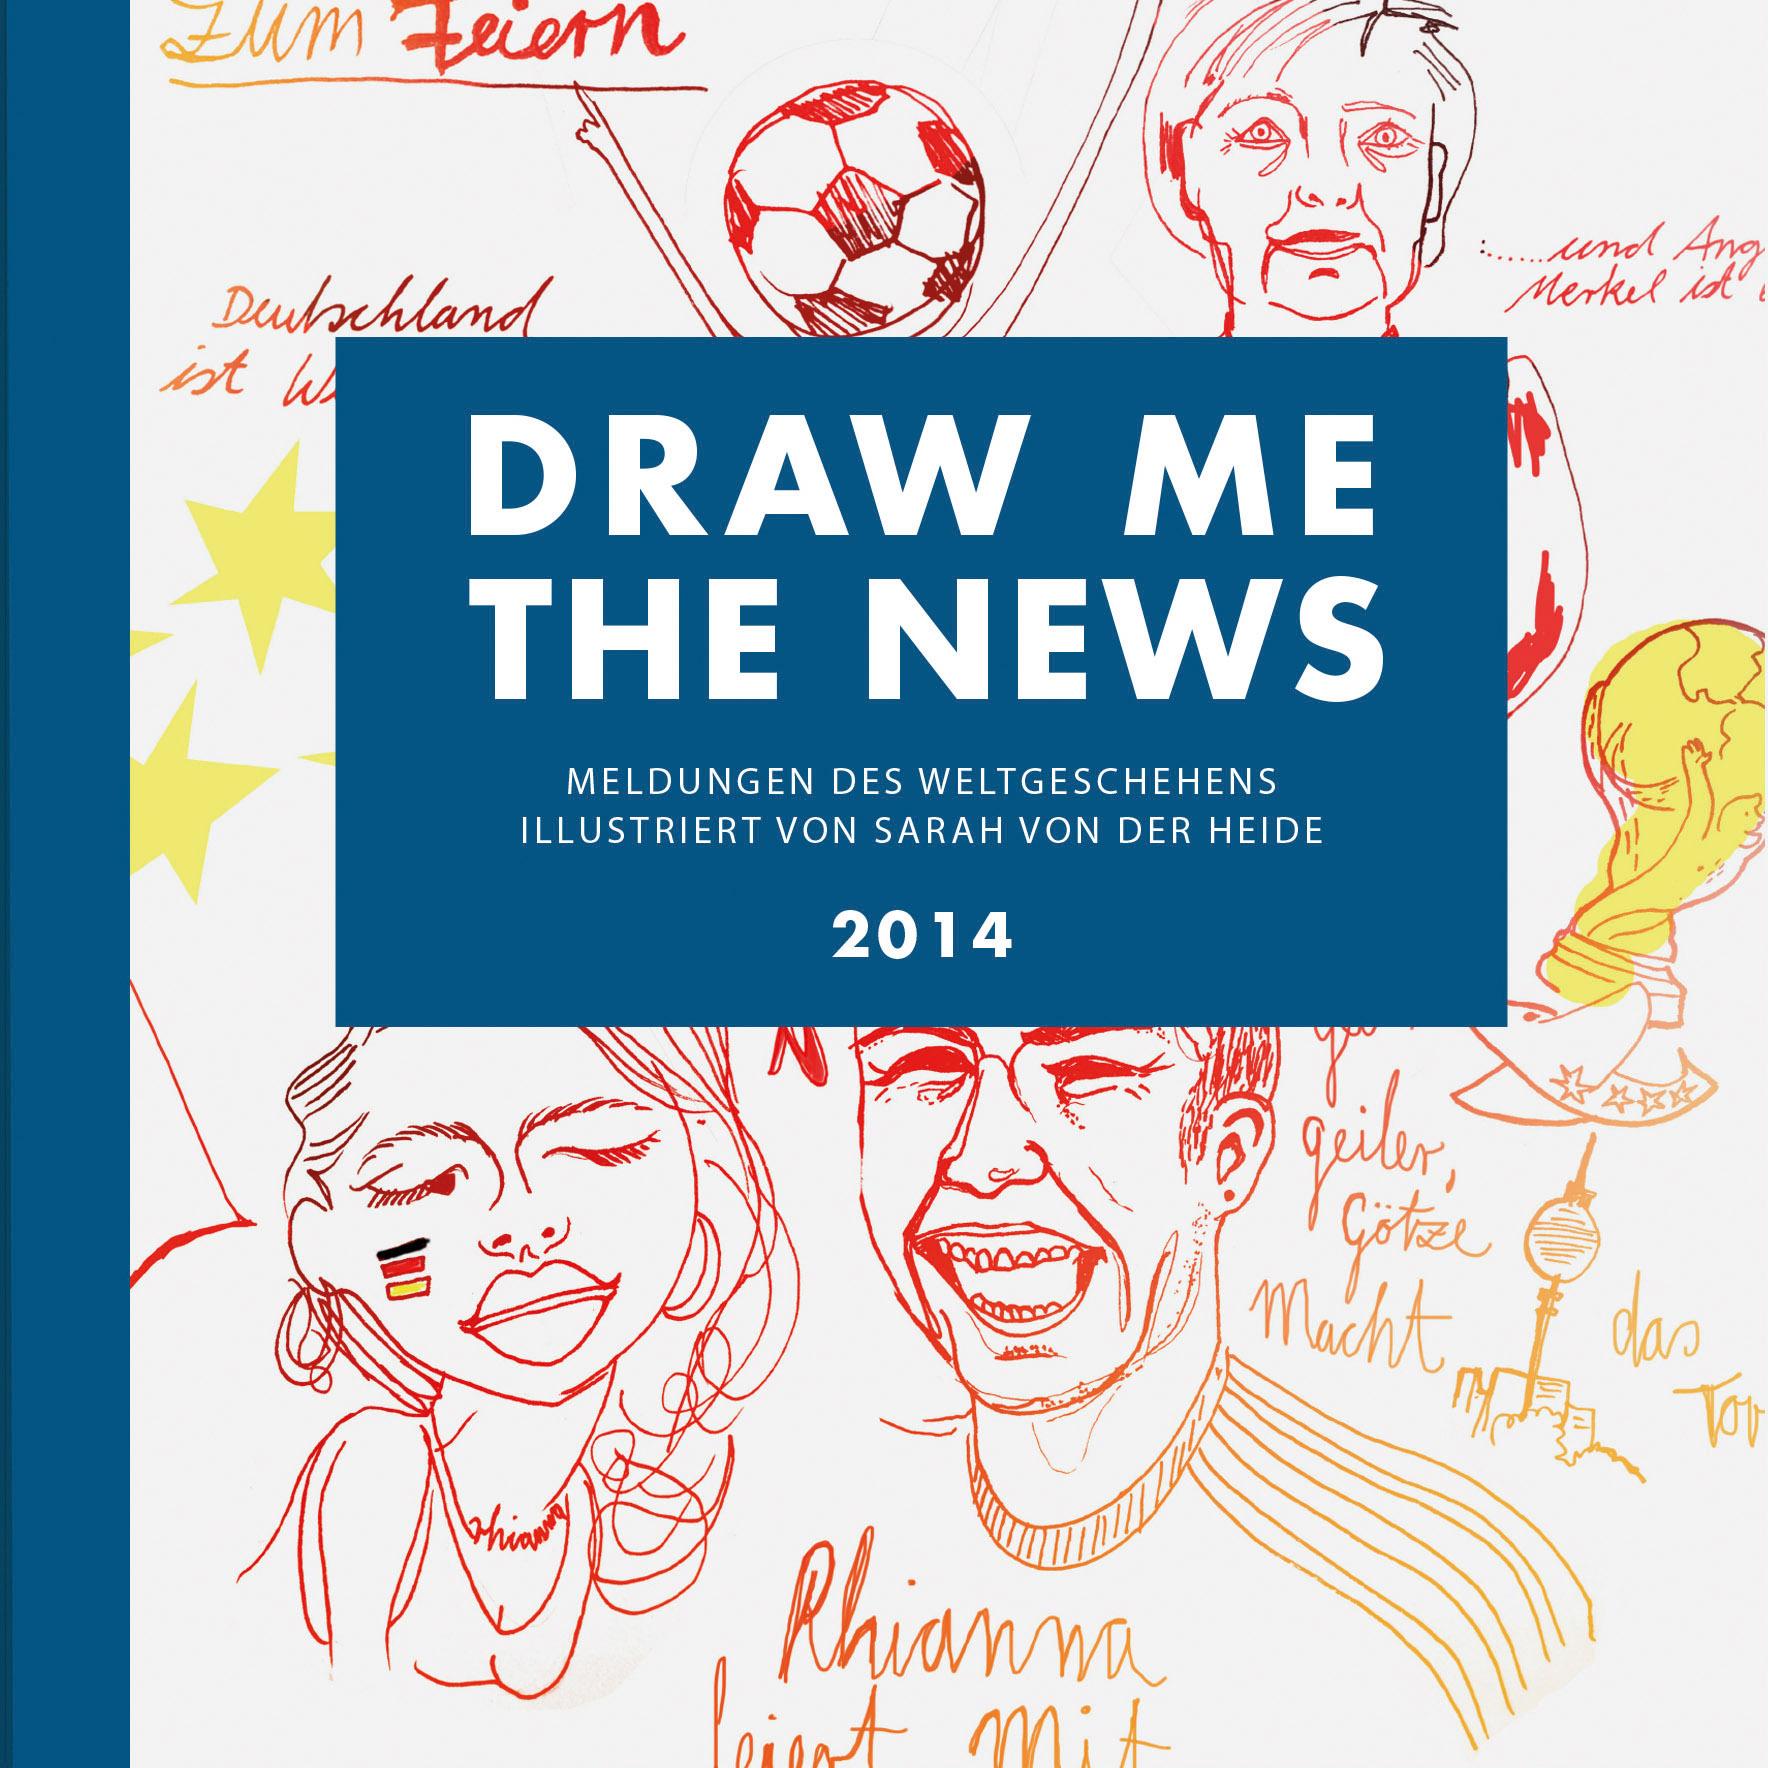 DRAW ME THE NEWS 2014: Das Jahr 2014 in Bildern...